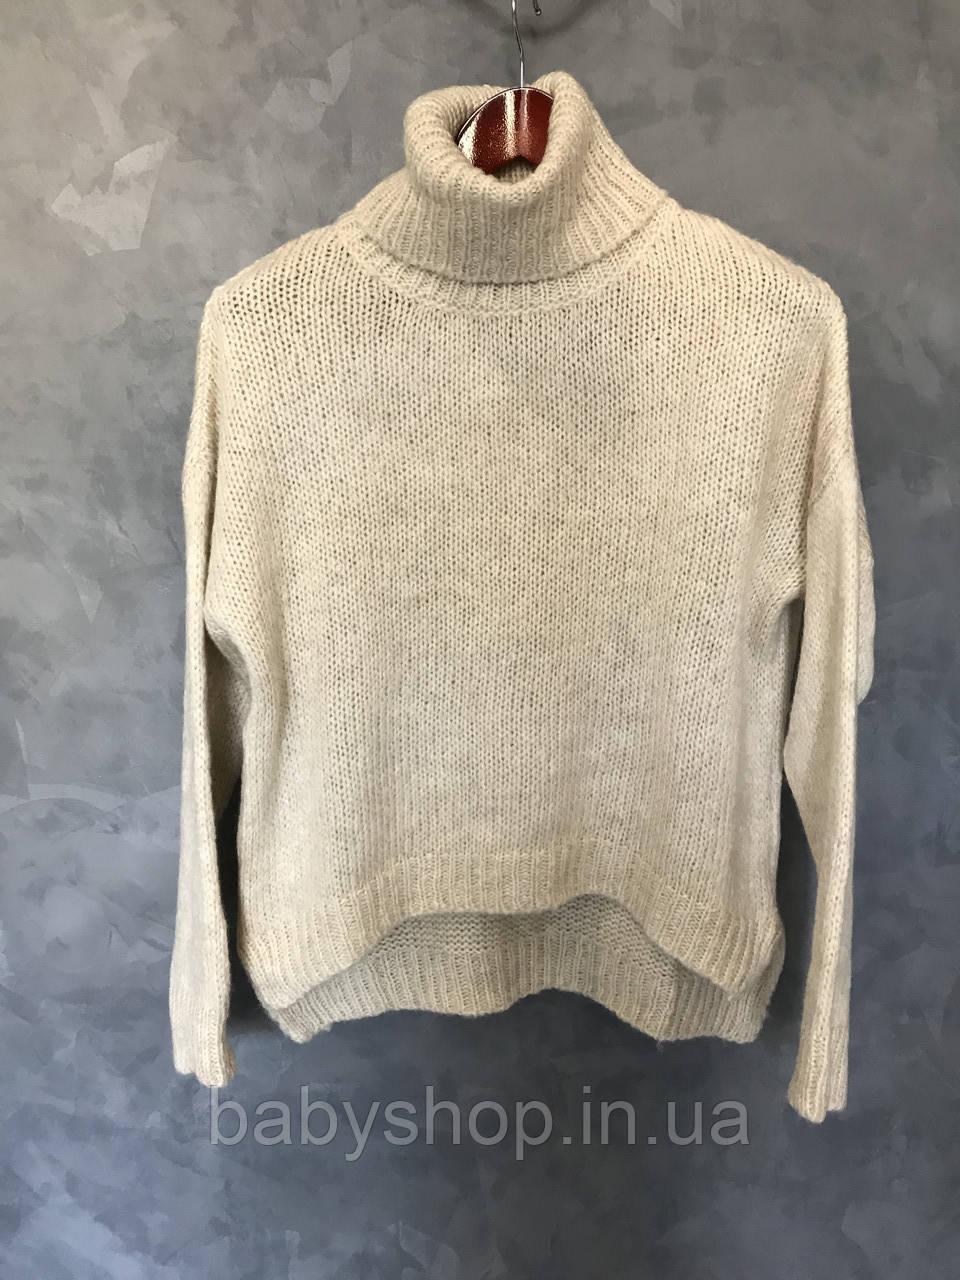 Женский свитер со спущенными плечами 1/3. Размер S, M, L. Цвет бежевый